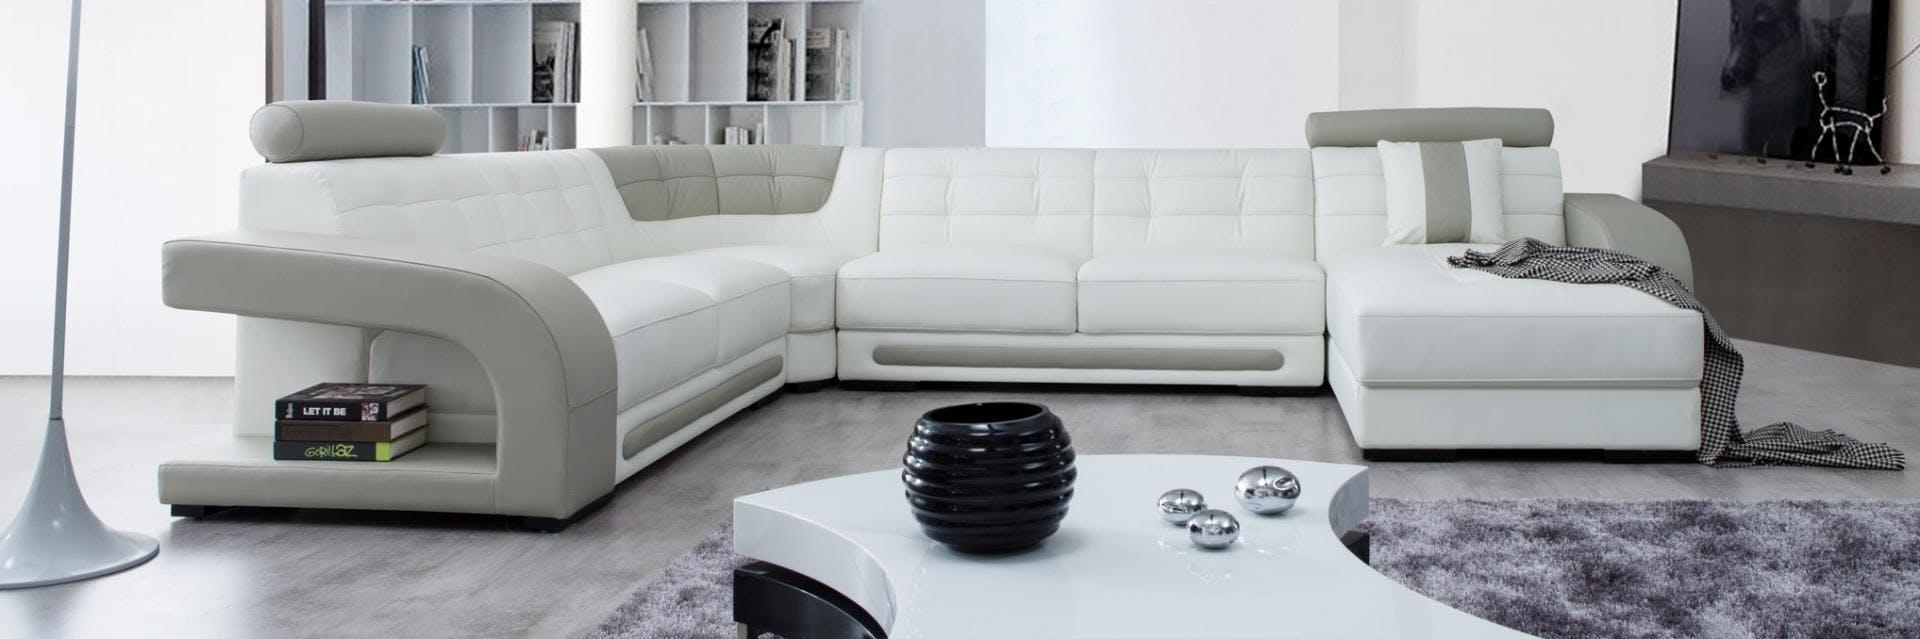 shop lounges sofas